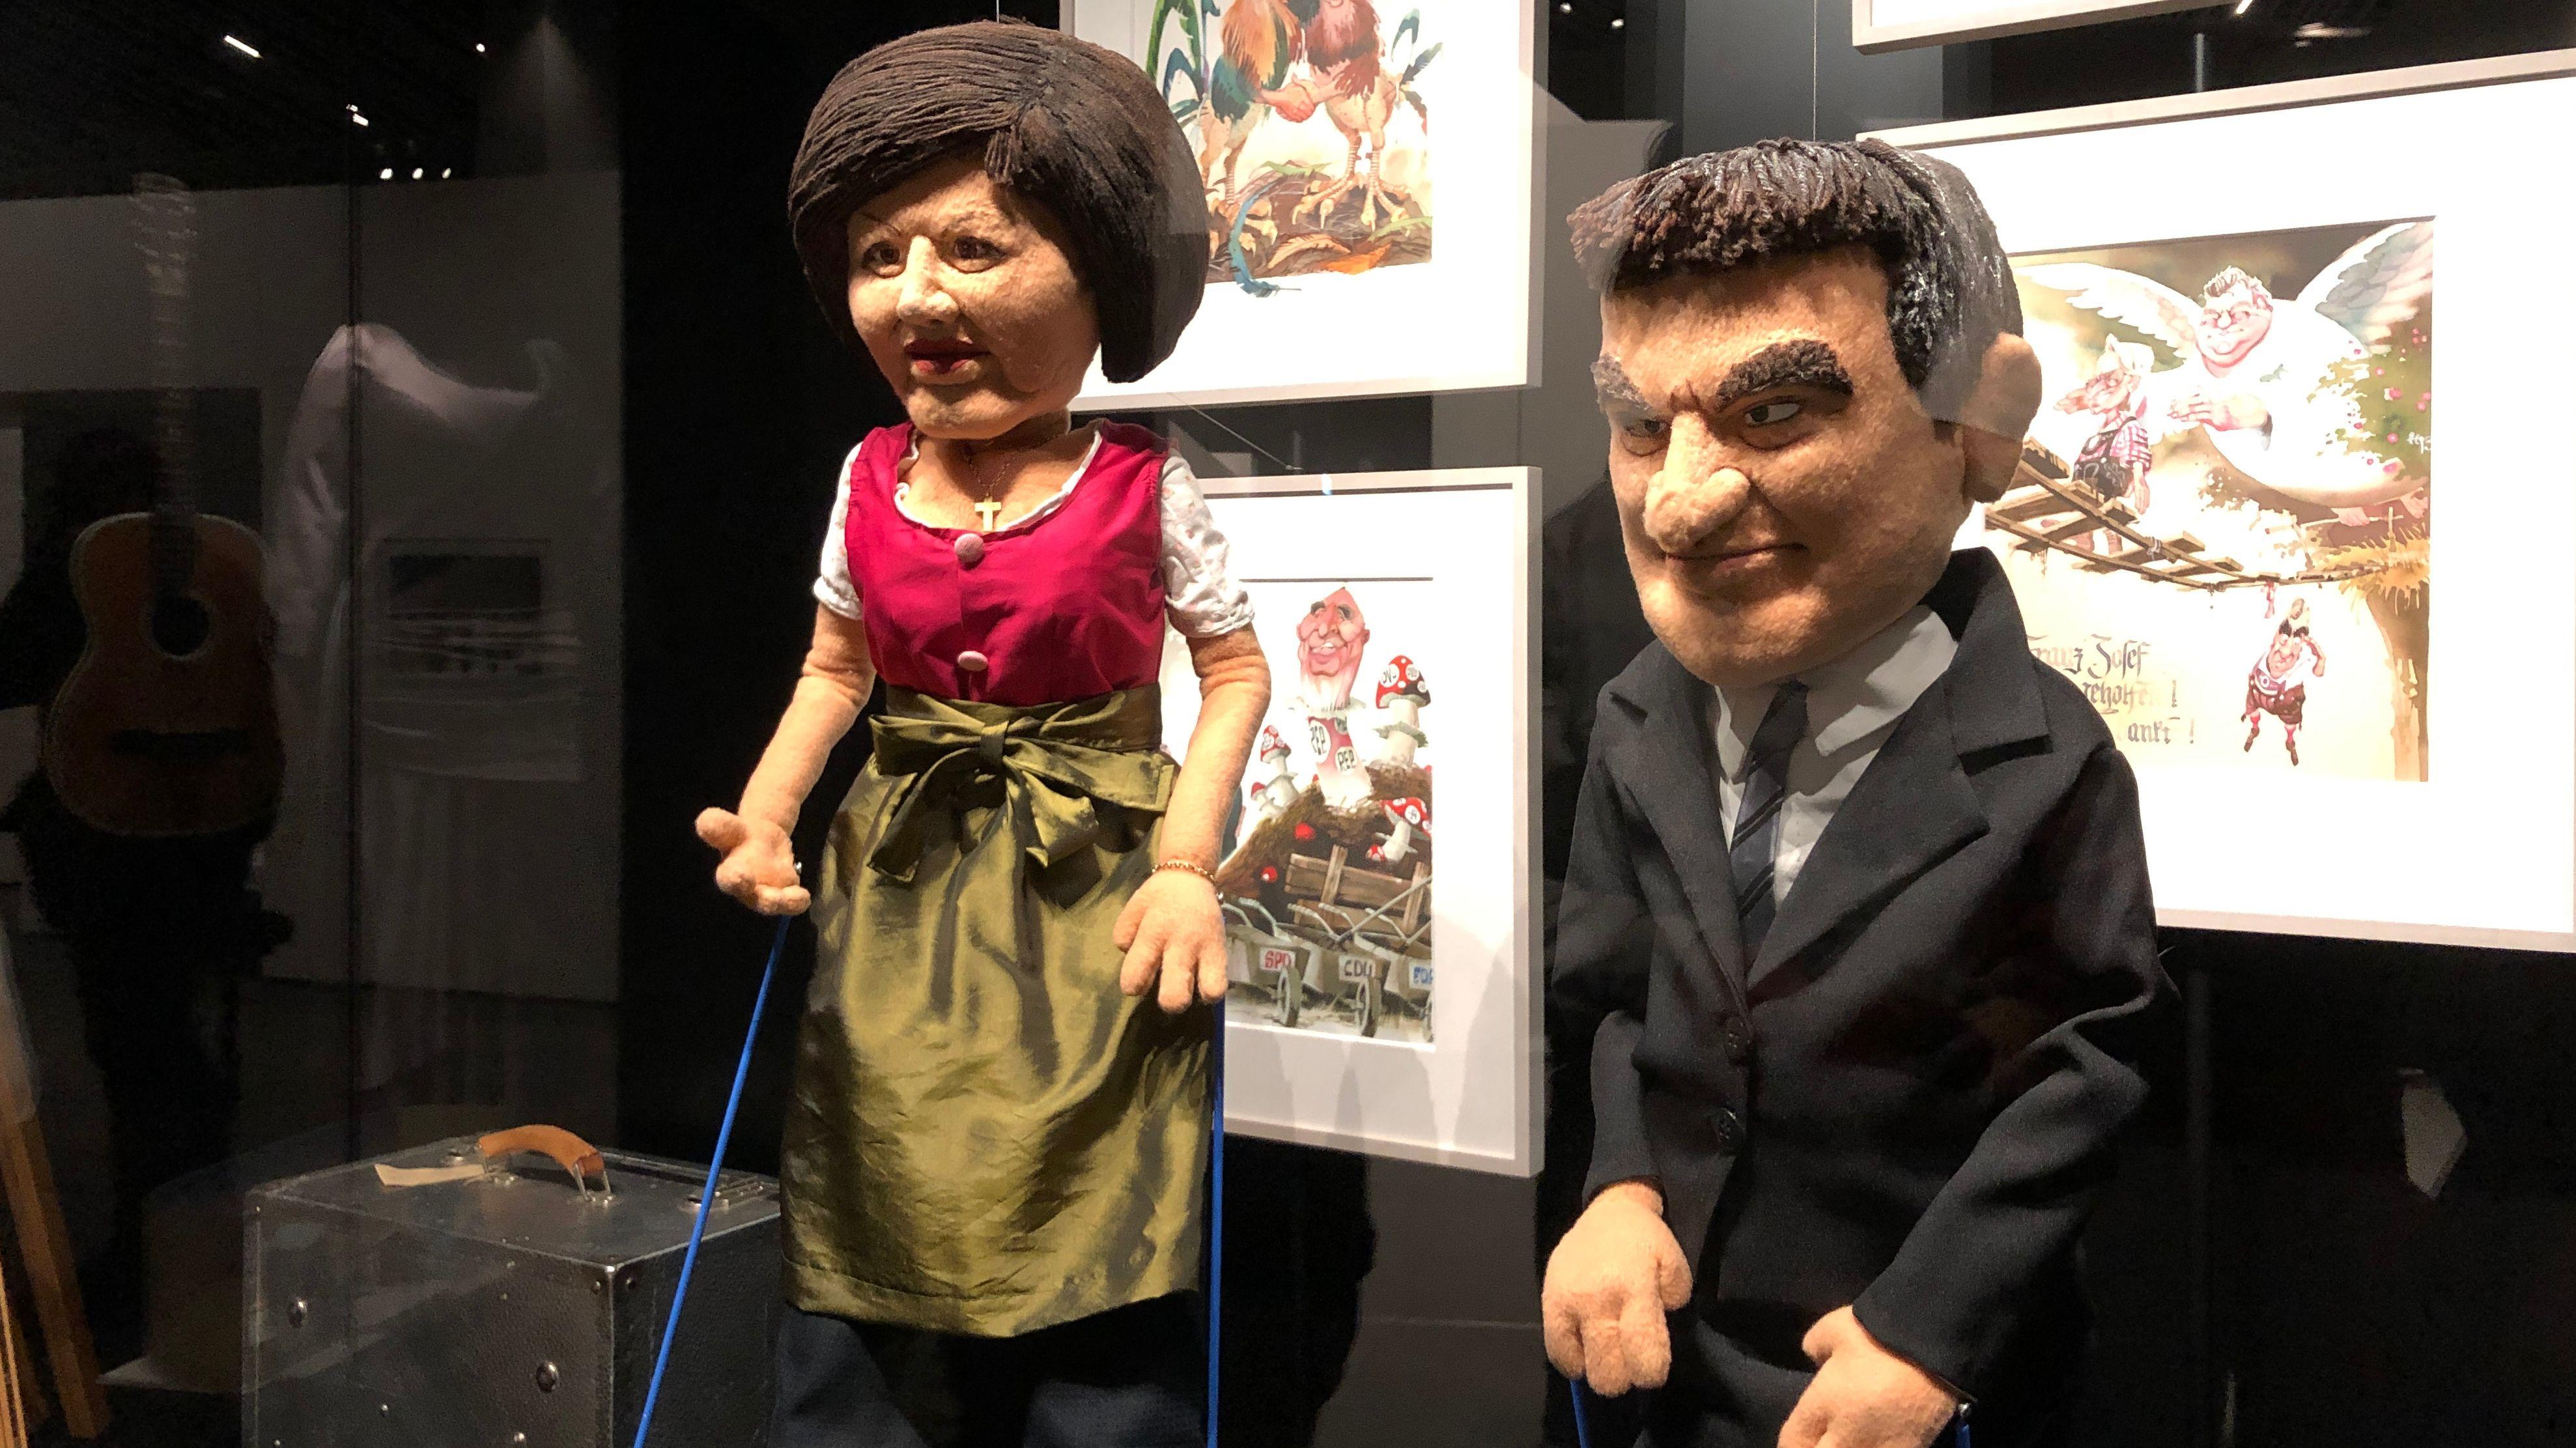 Die Quer-Marionetten Ilse Aigner und Markus Söder